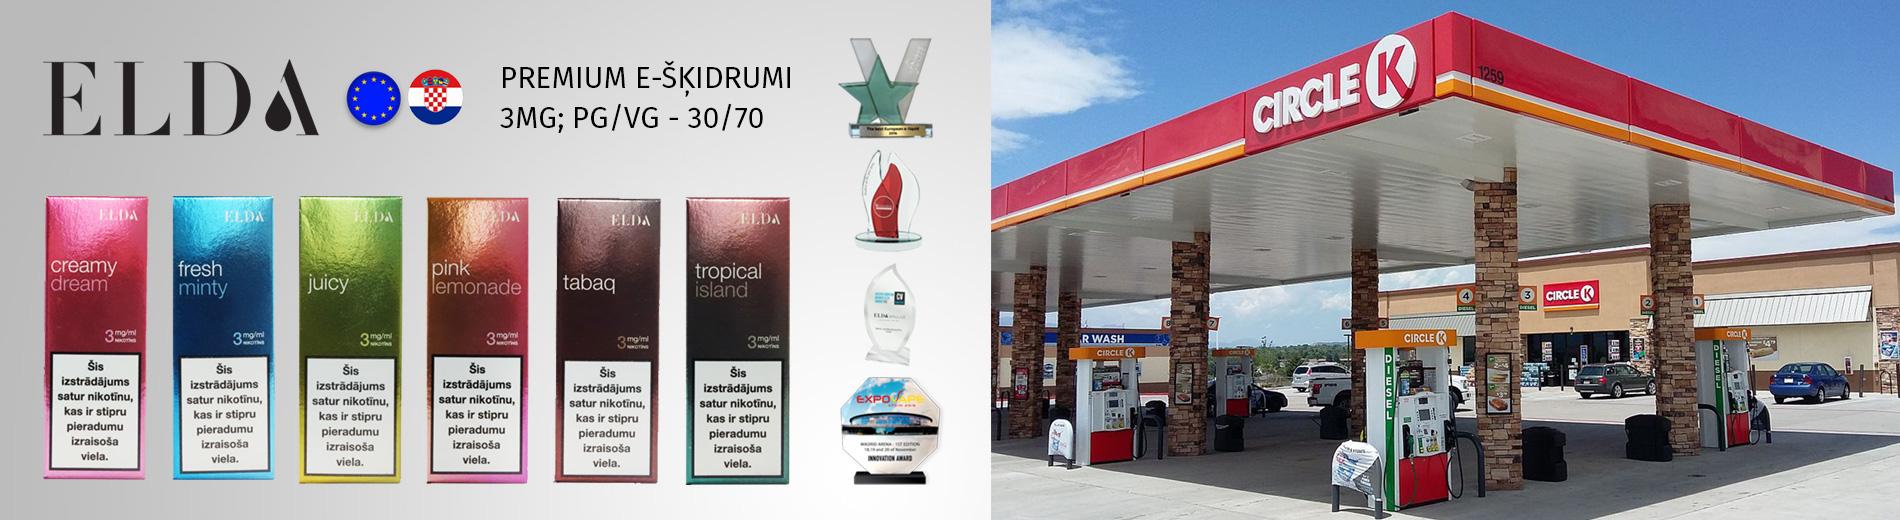 E-šķidrumi Circle K DUS, e-šķidrumi DUS, e-cigaretes, elektroniskās cigaretes, airpuf, elda